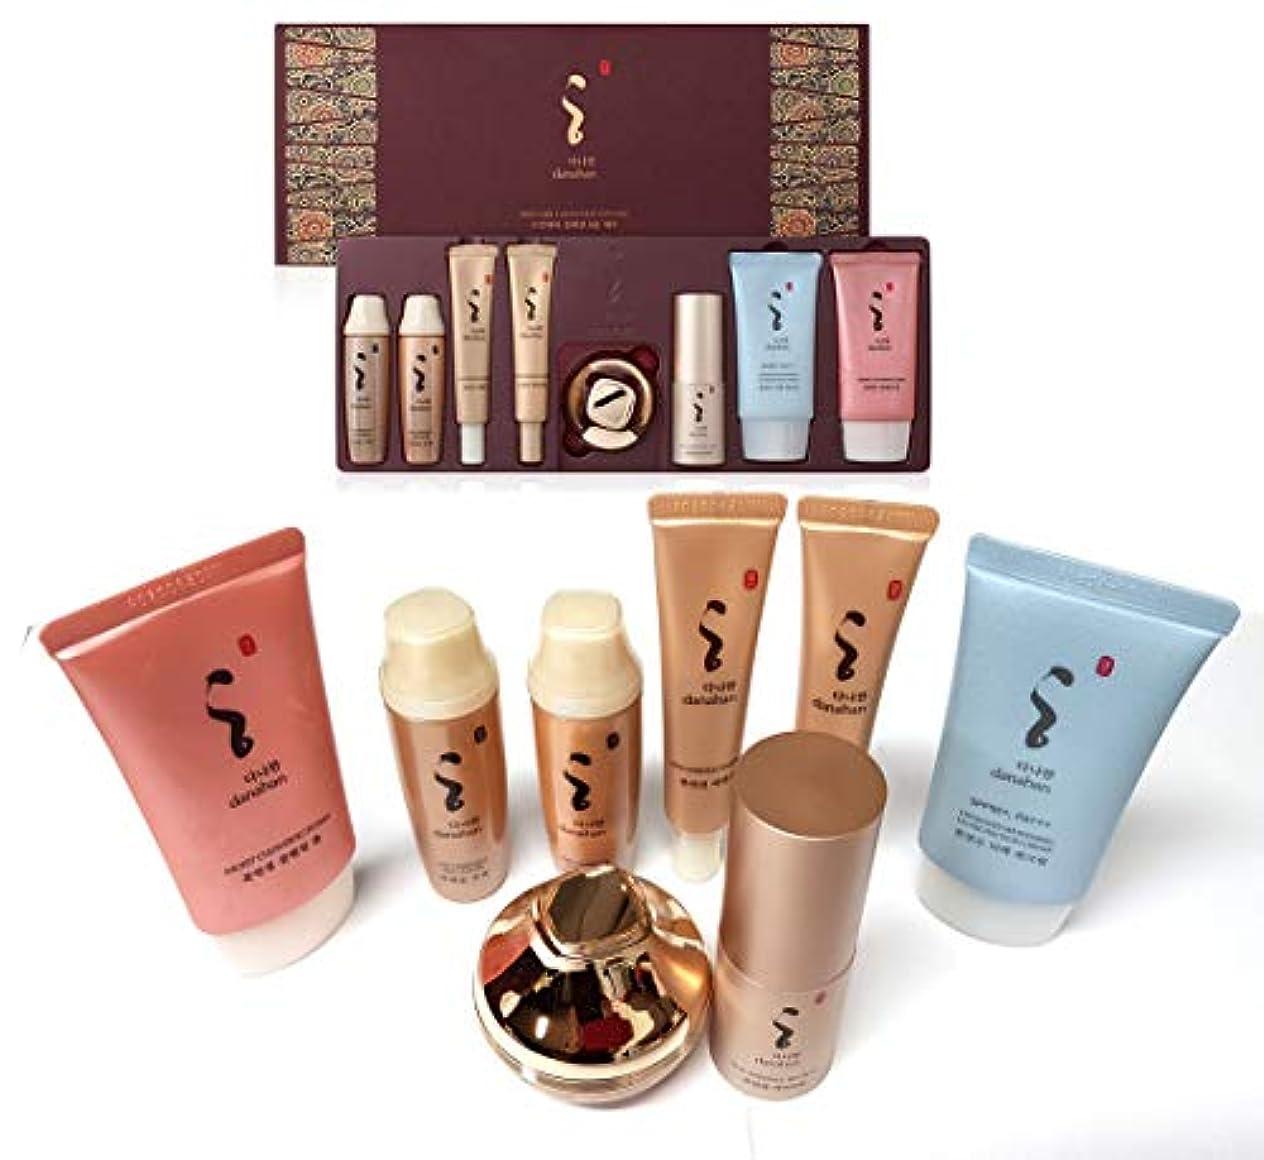 よりウサギスライム[DANAHAN] スキンケアコレクションギフト8本セット/ Skin Care Collection gift 8pcs set/モイスチャー、ハーバルフルイド/Moisture, herbal fluidn/韓国化粧品...